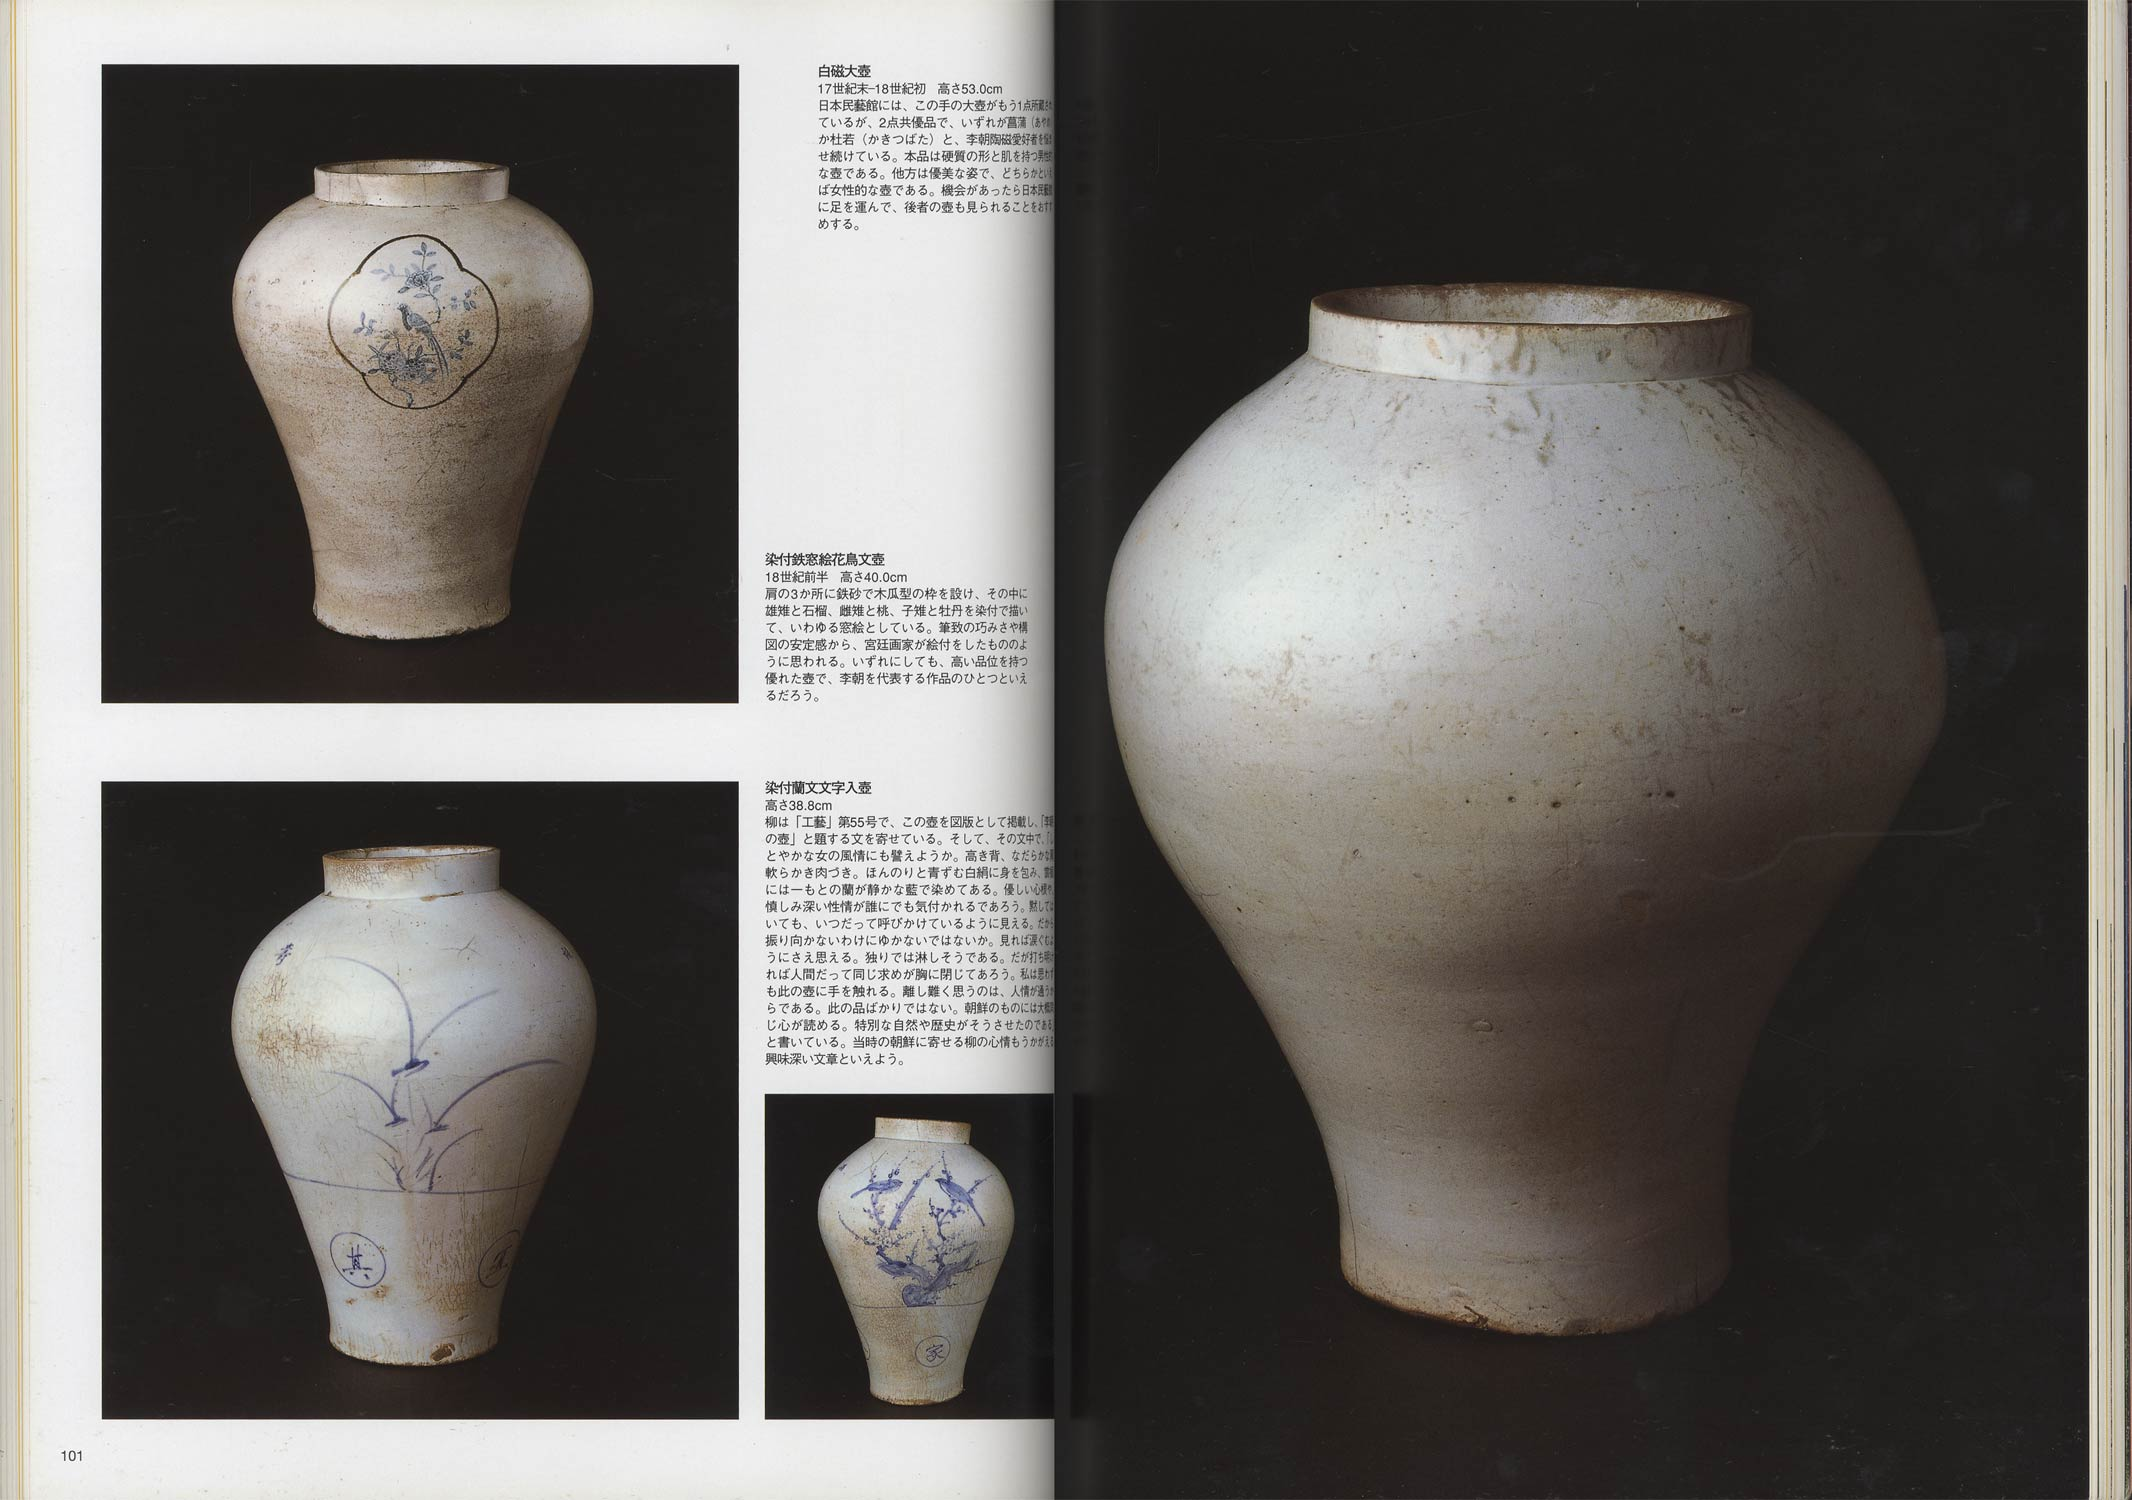 柳宗悦の世界 民藝の発見とその思想 別冊太陽[image4]